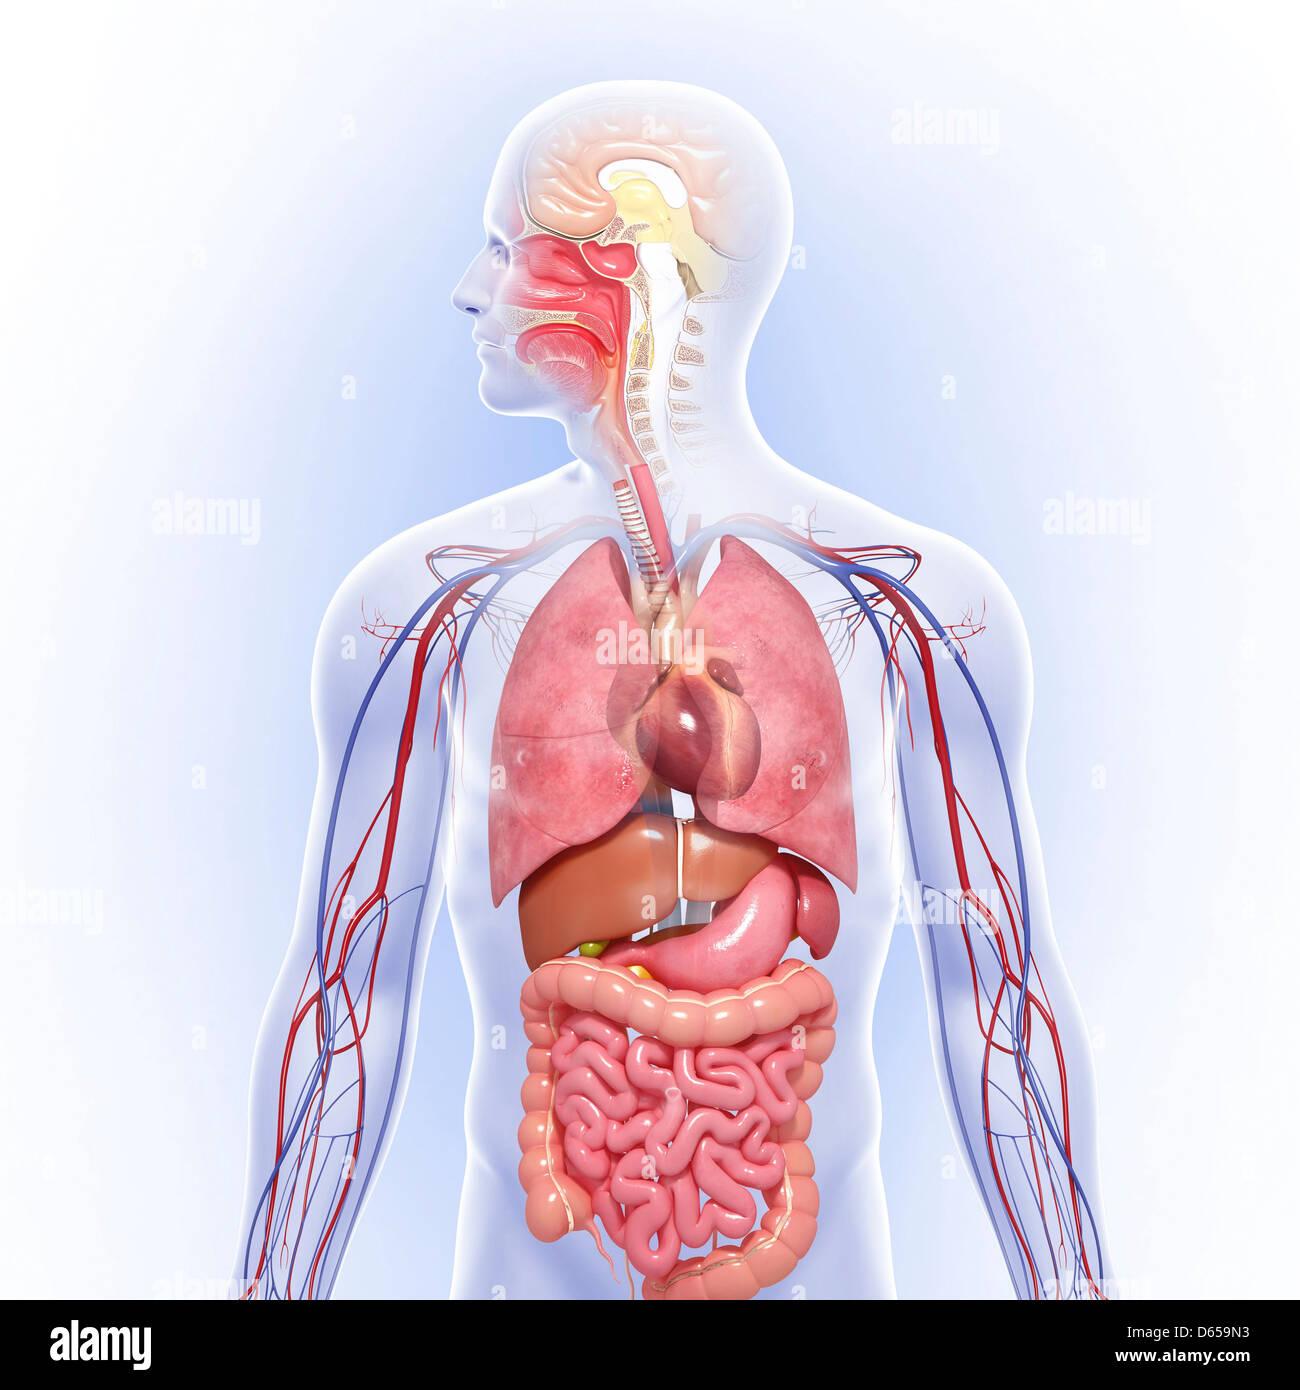 Human Throat Stock Photos & Human Throat Stock Images - Alamy